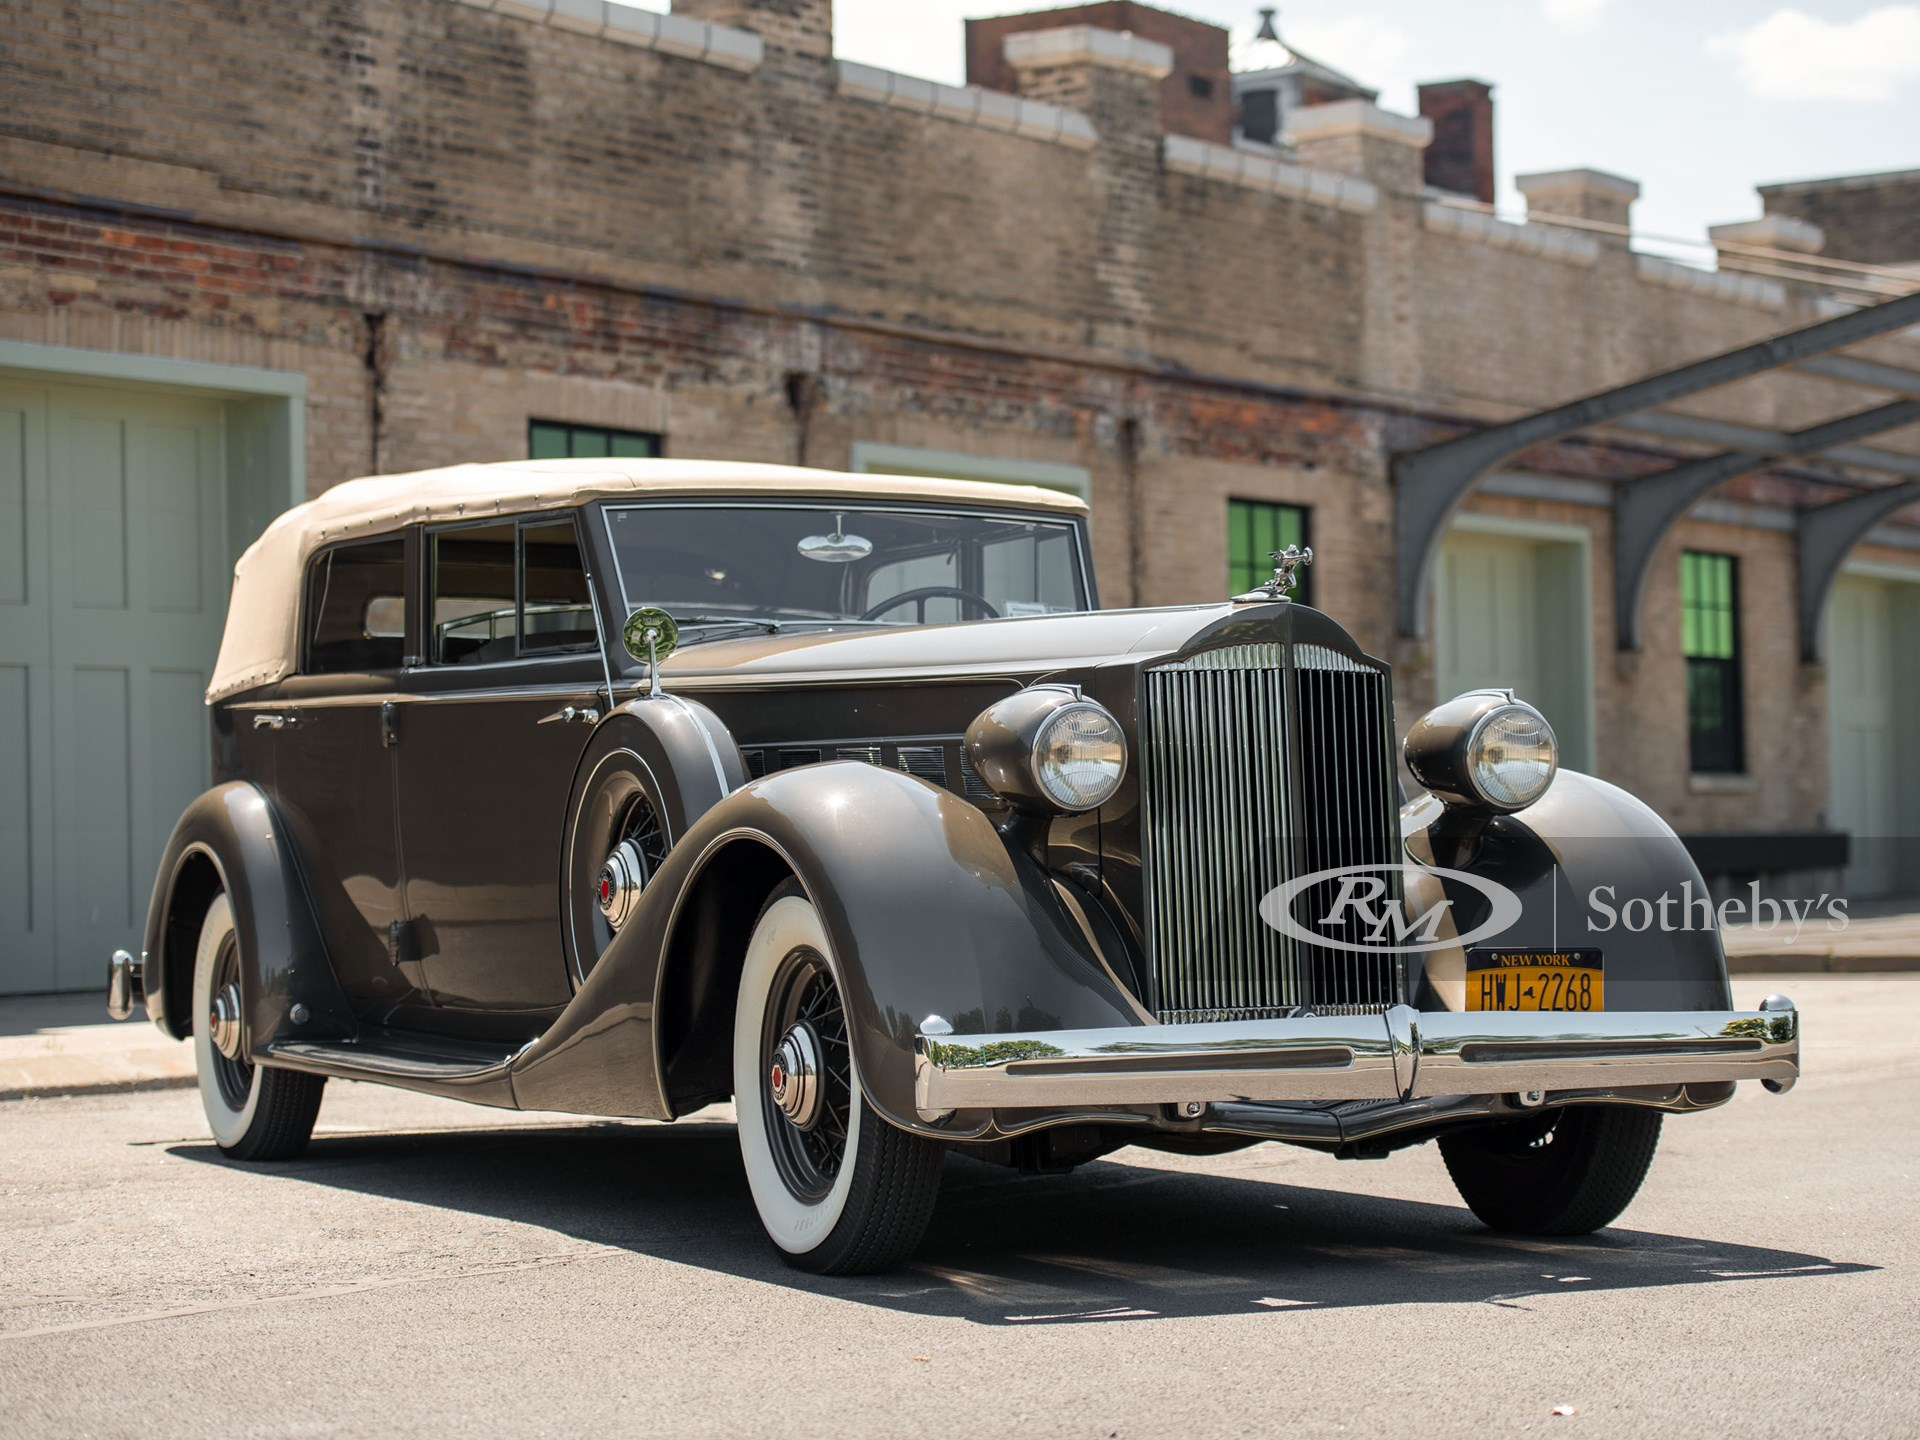 1935 Packard Super Eight Convertible Sedan